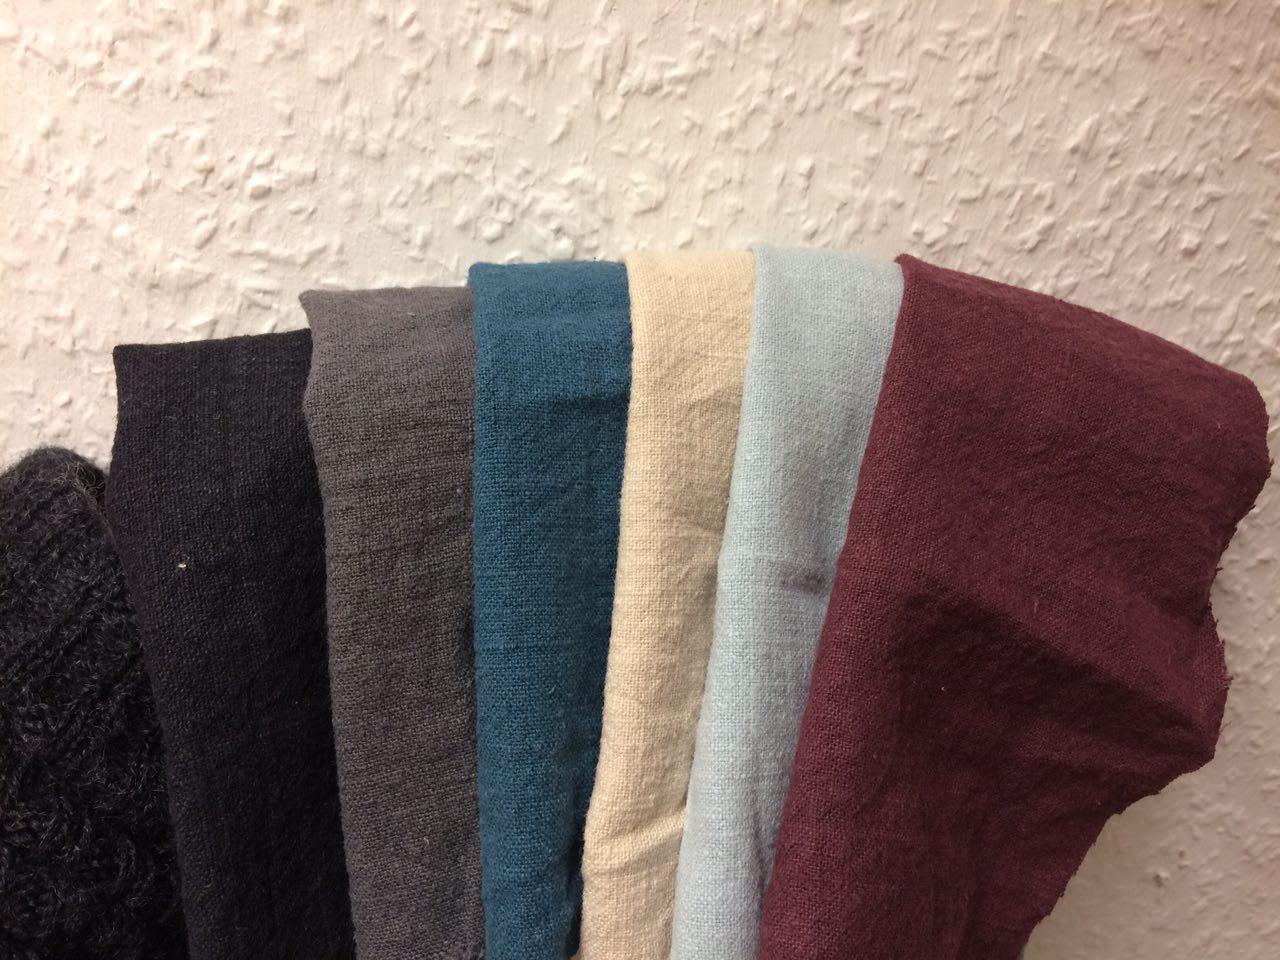 Neues Material Ramie und neue Farben